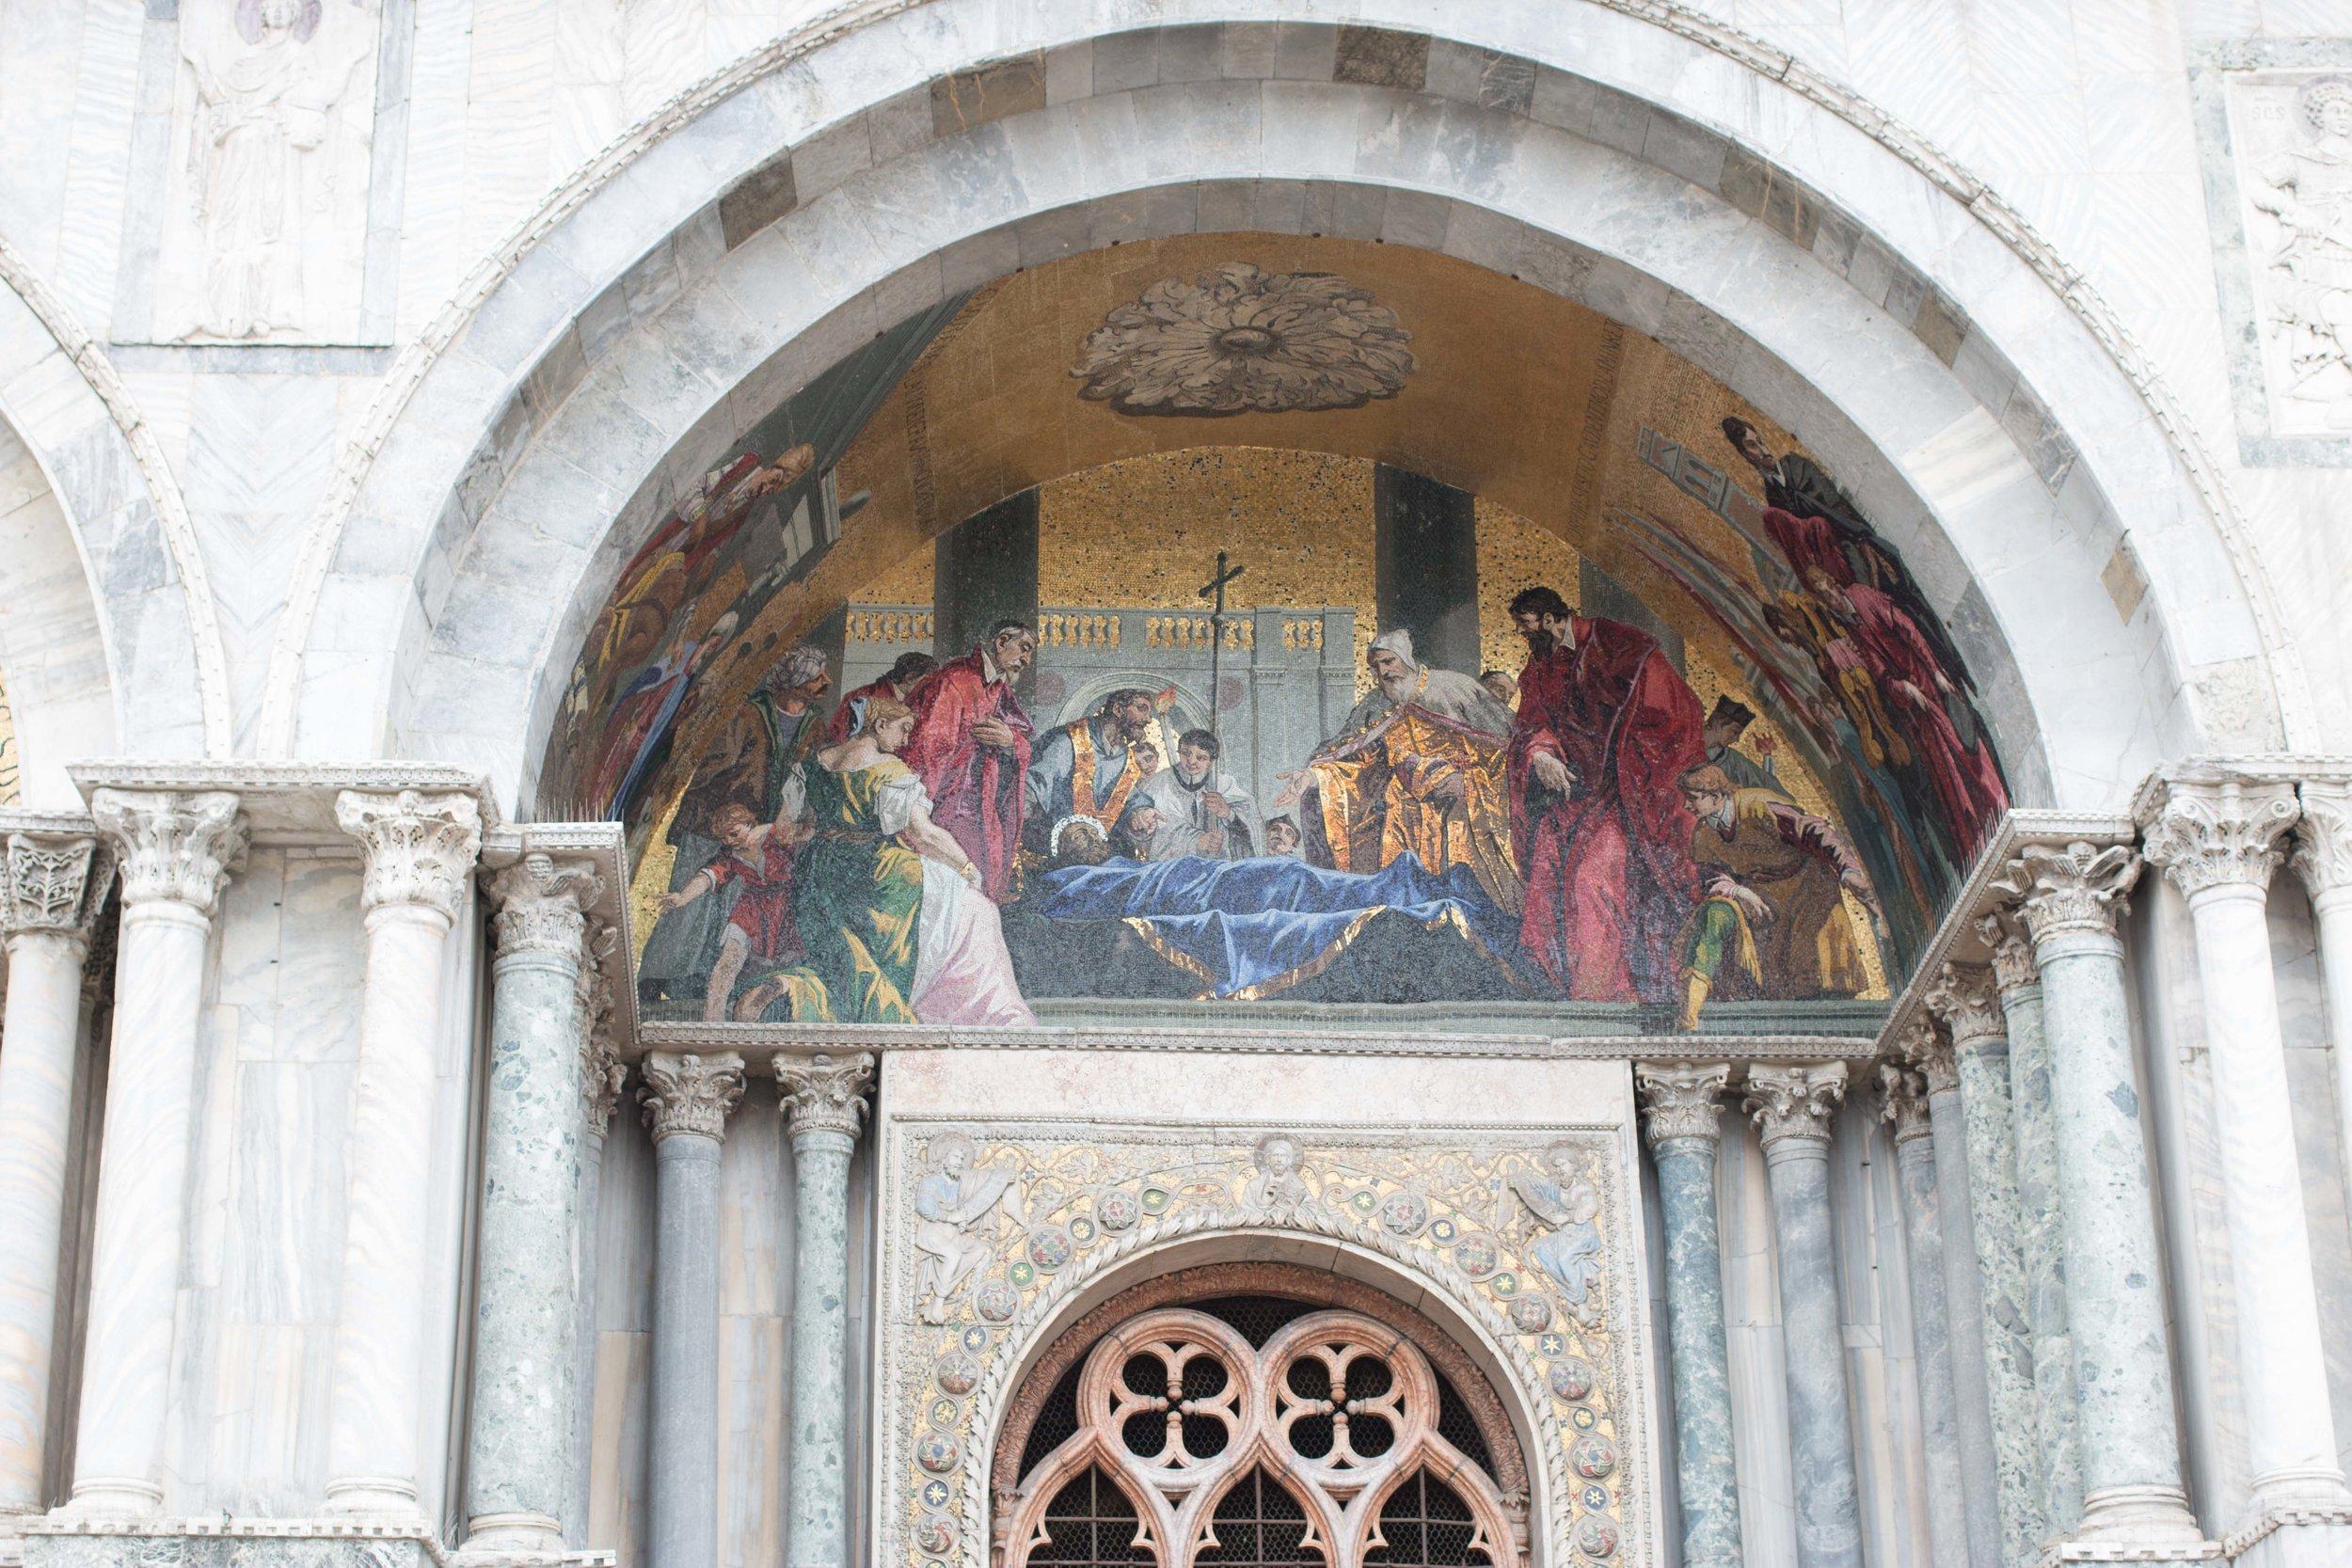 Tile fresco on the facade of St. Mark's